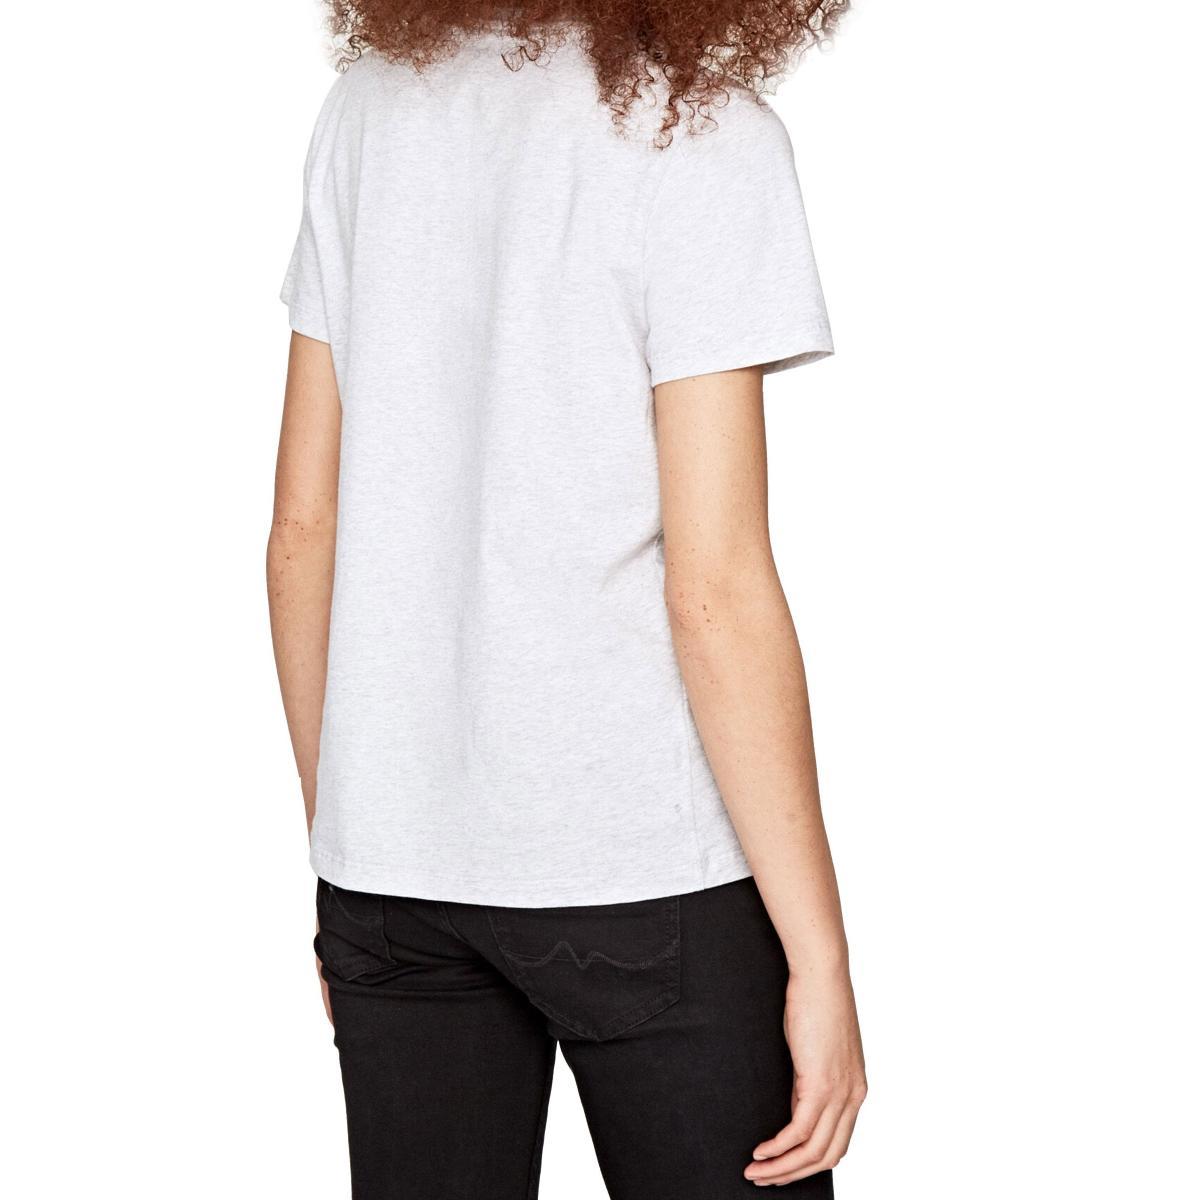 T-shirt Pepe Jeans Ava girocollo con logo e fiori da donna rif. PL504176 AVA